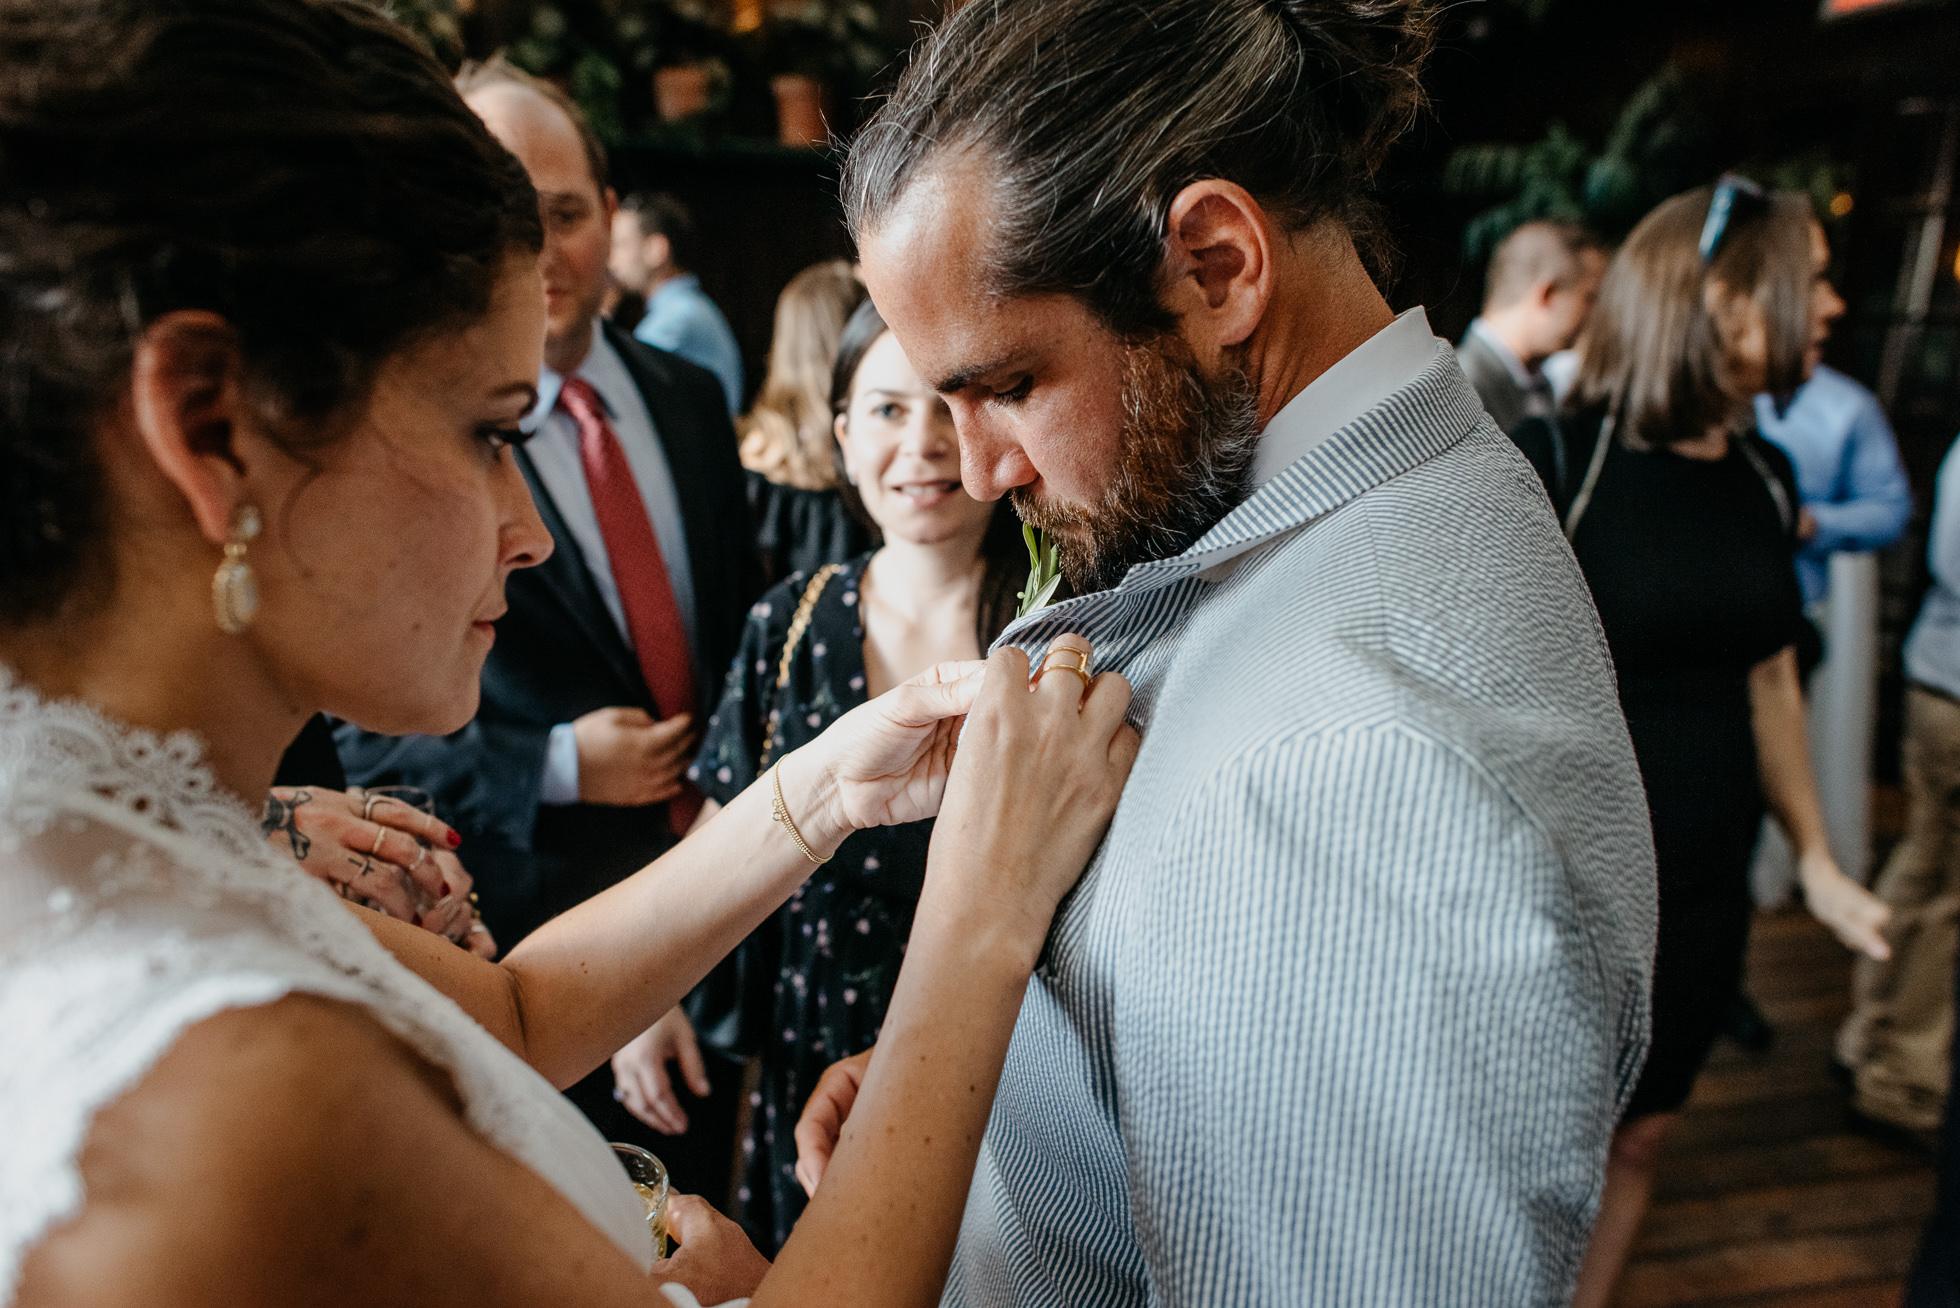 wedding reception bride and groom